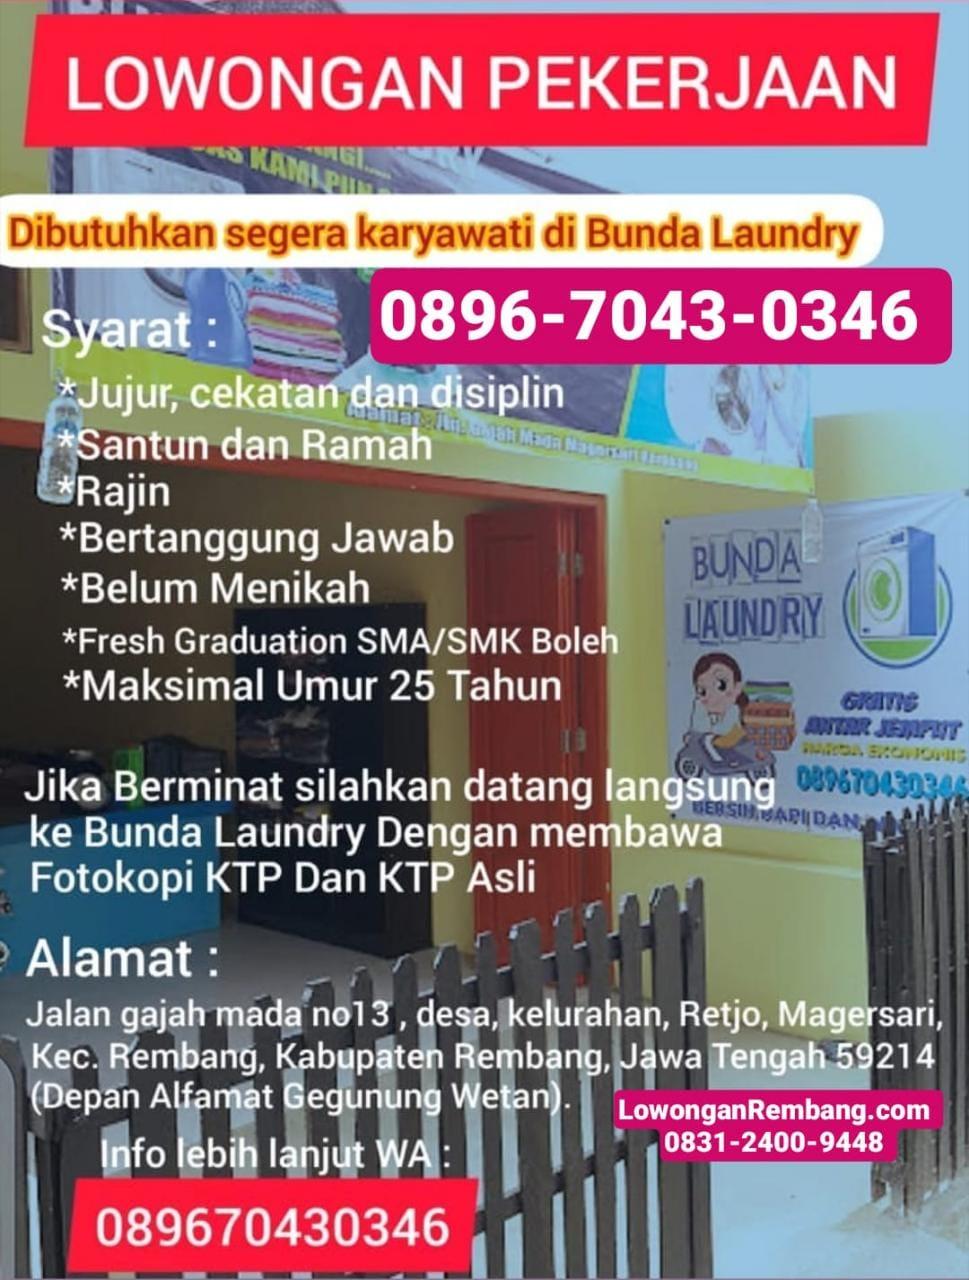 Lowongan Kerja Bunda Laundry Rembang Hanya Bawa KTP Asli Dan Fotokopi